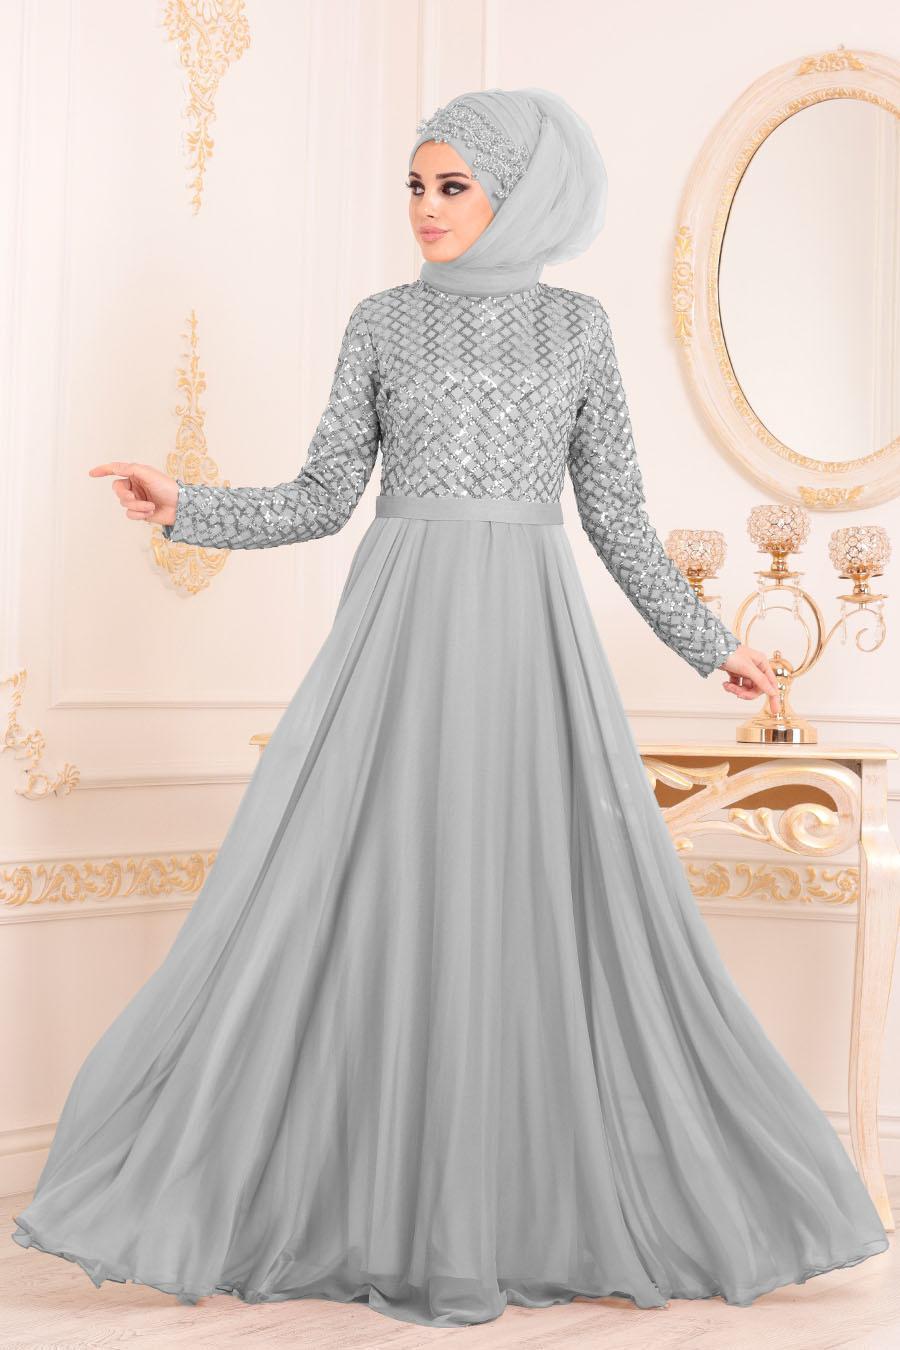 Tesettürlü Abiye Elbise - Pul Payetli Gri Tesettür Abiye Elbise 8127GR